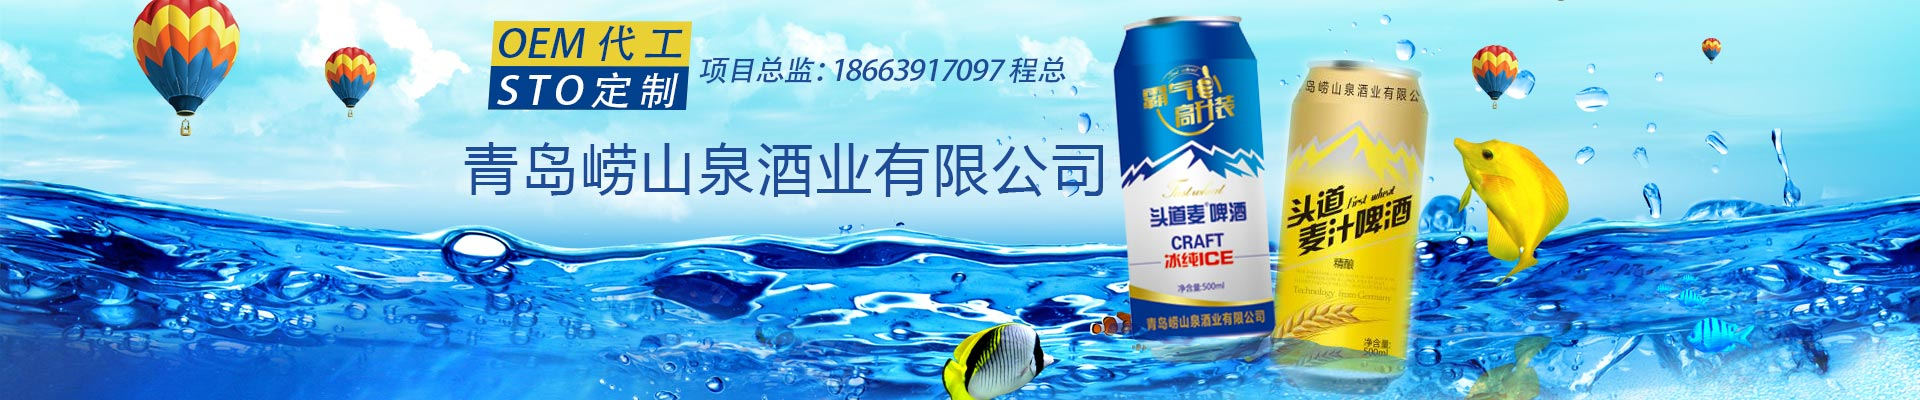 青岛崂山泉千赢国际手机版有限公司